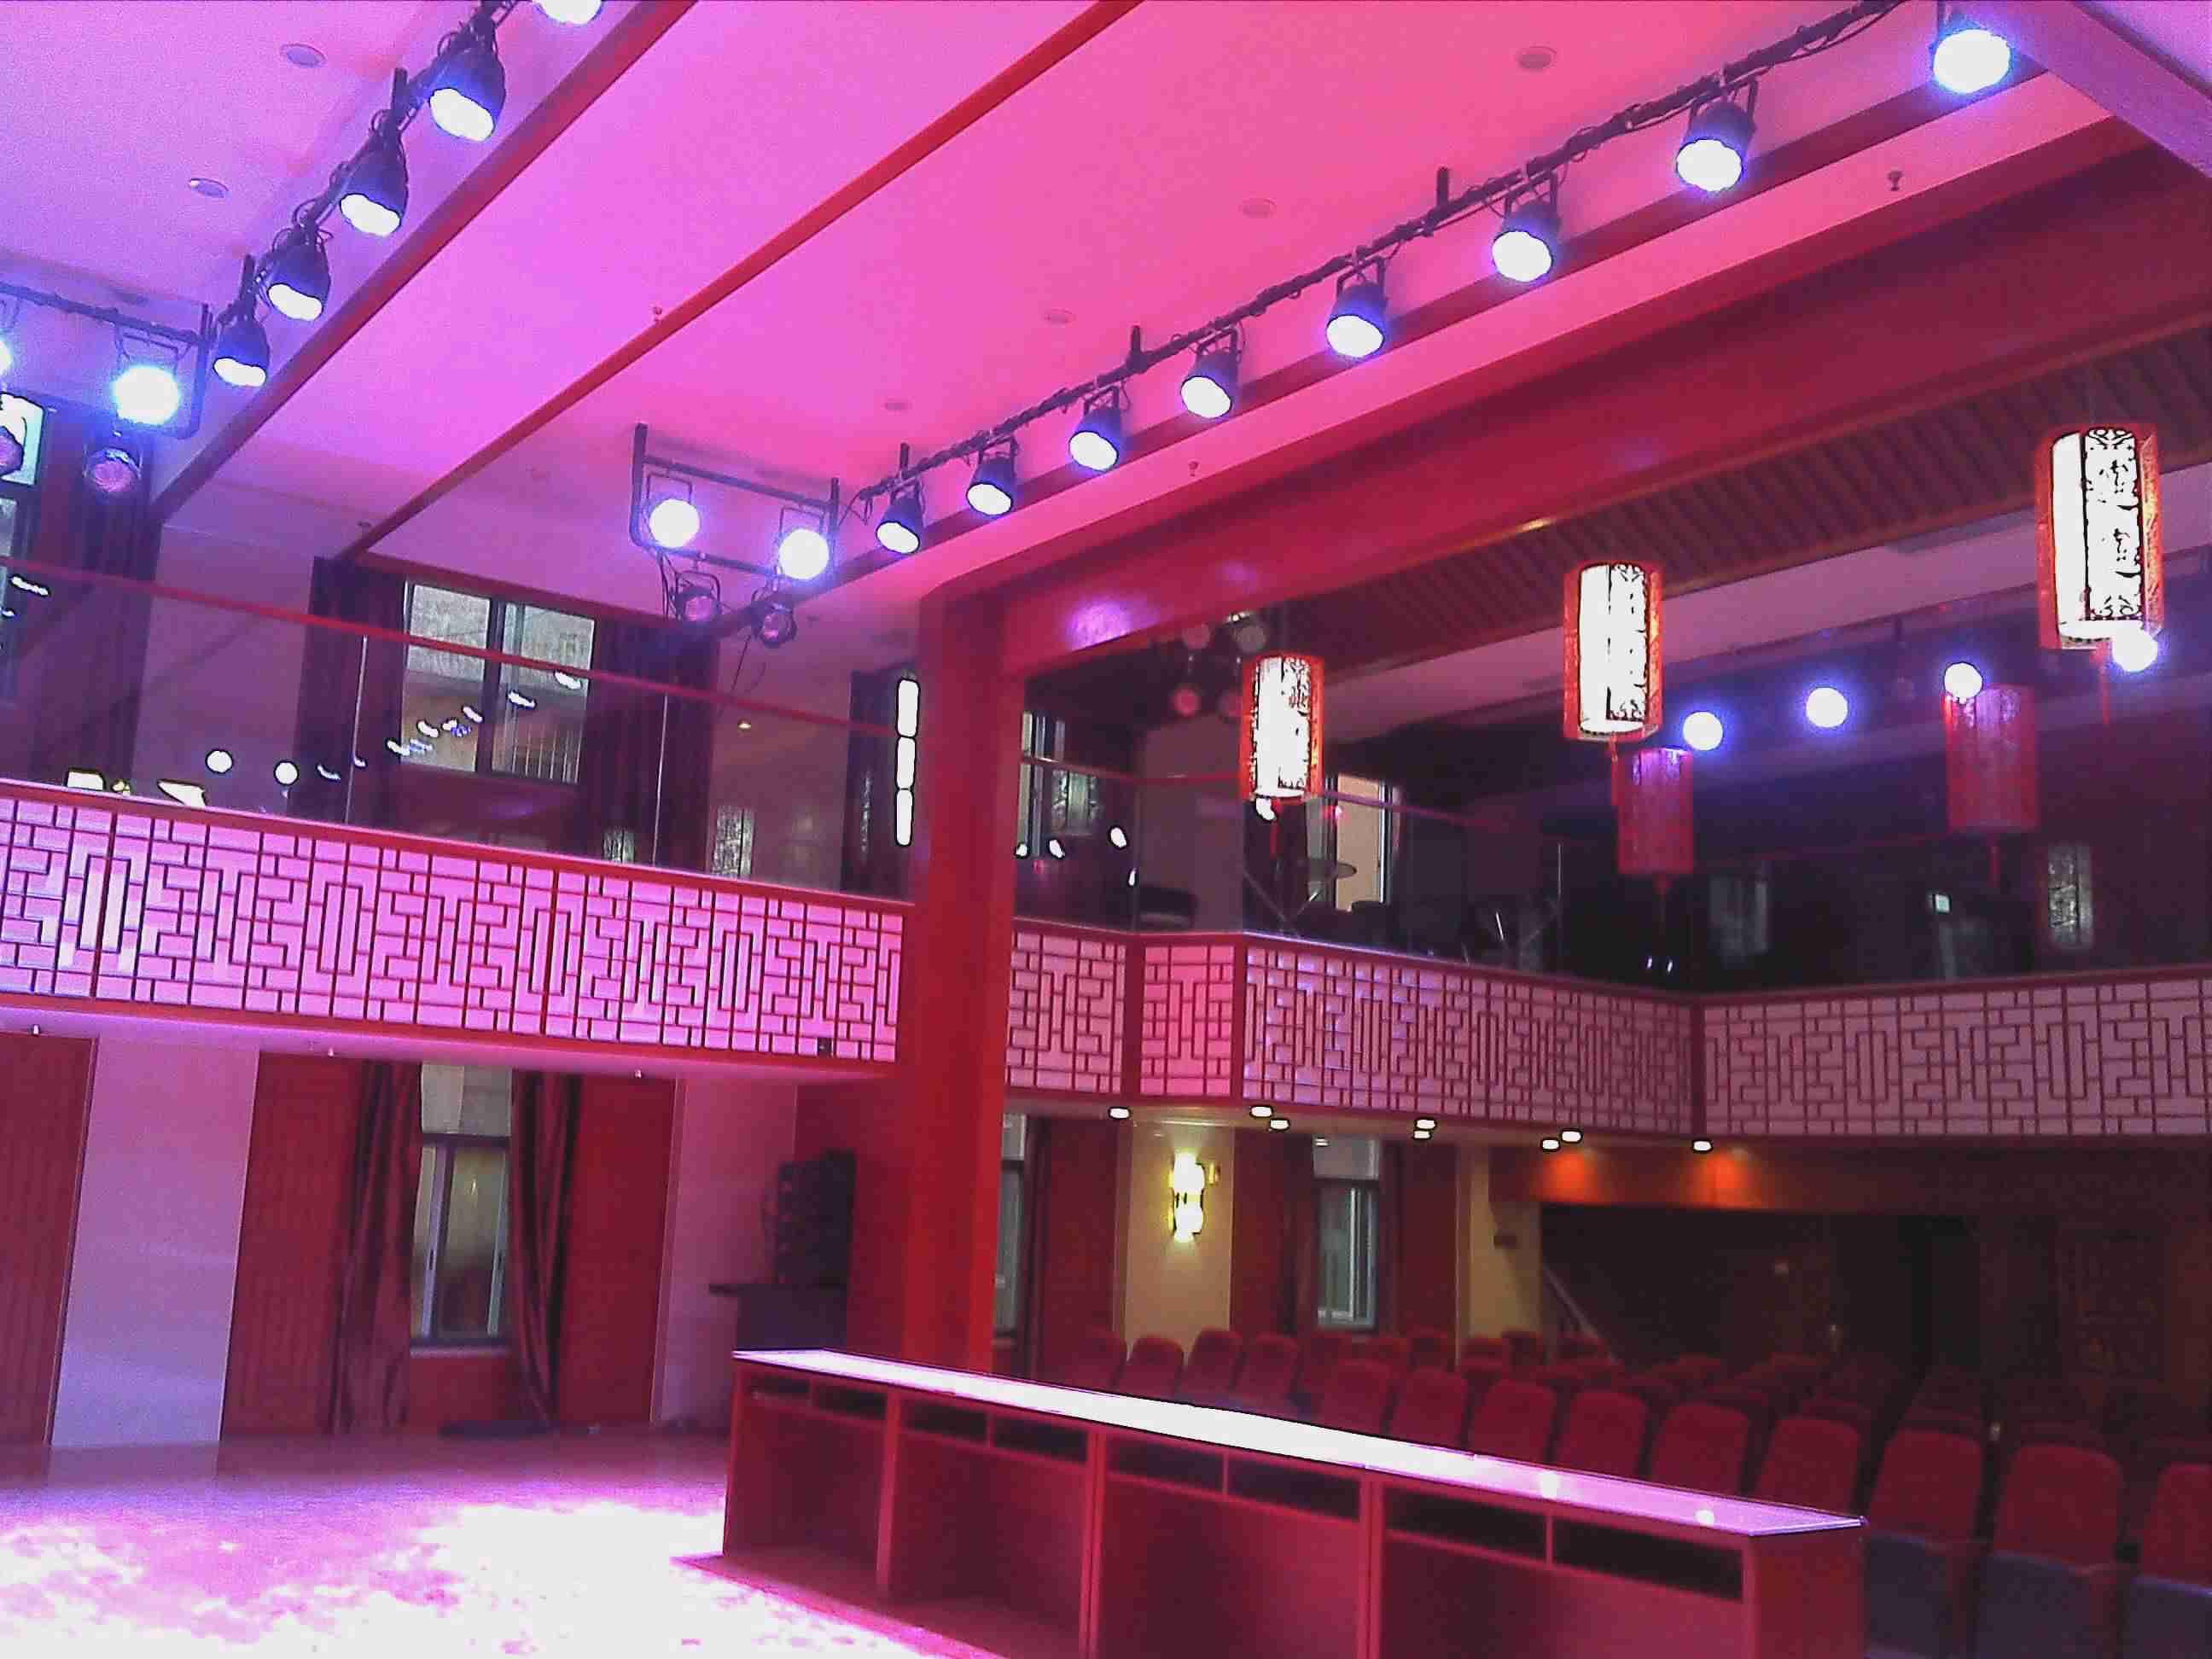 京剧院www.3522.vip.com灯光音响安装调试现场